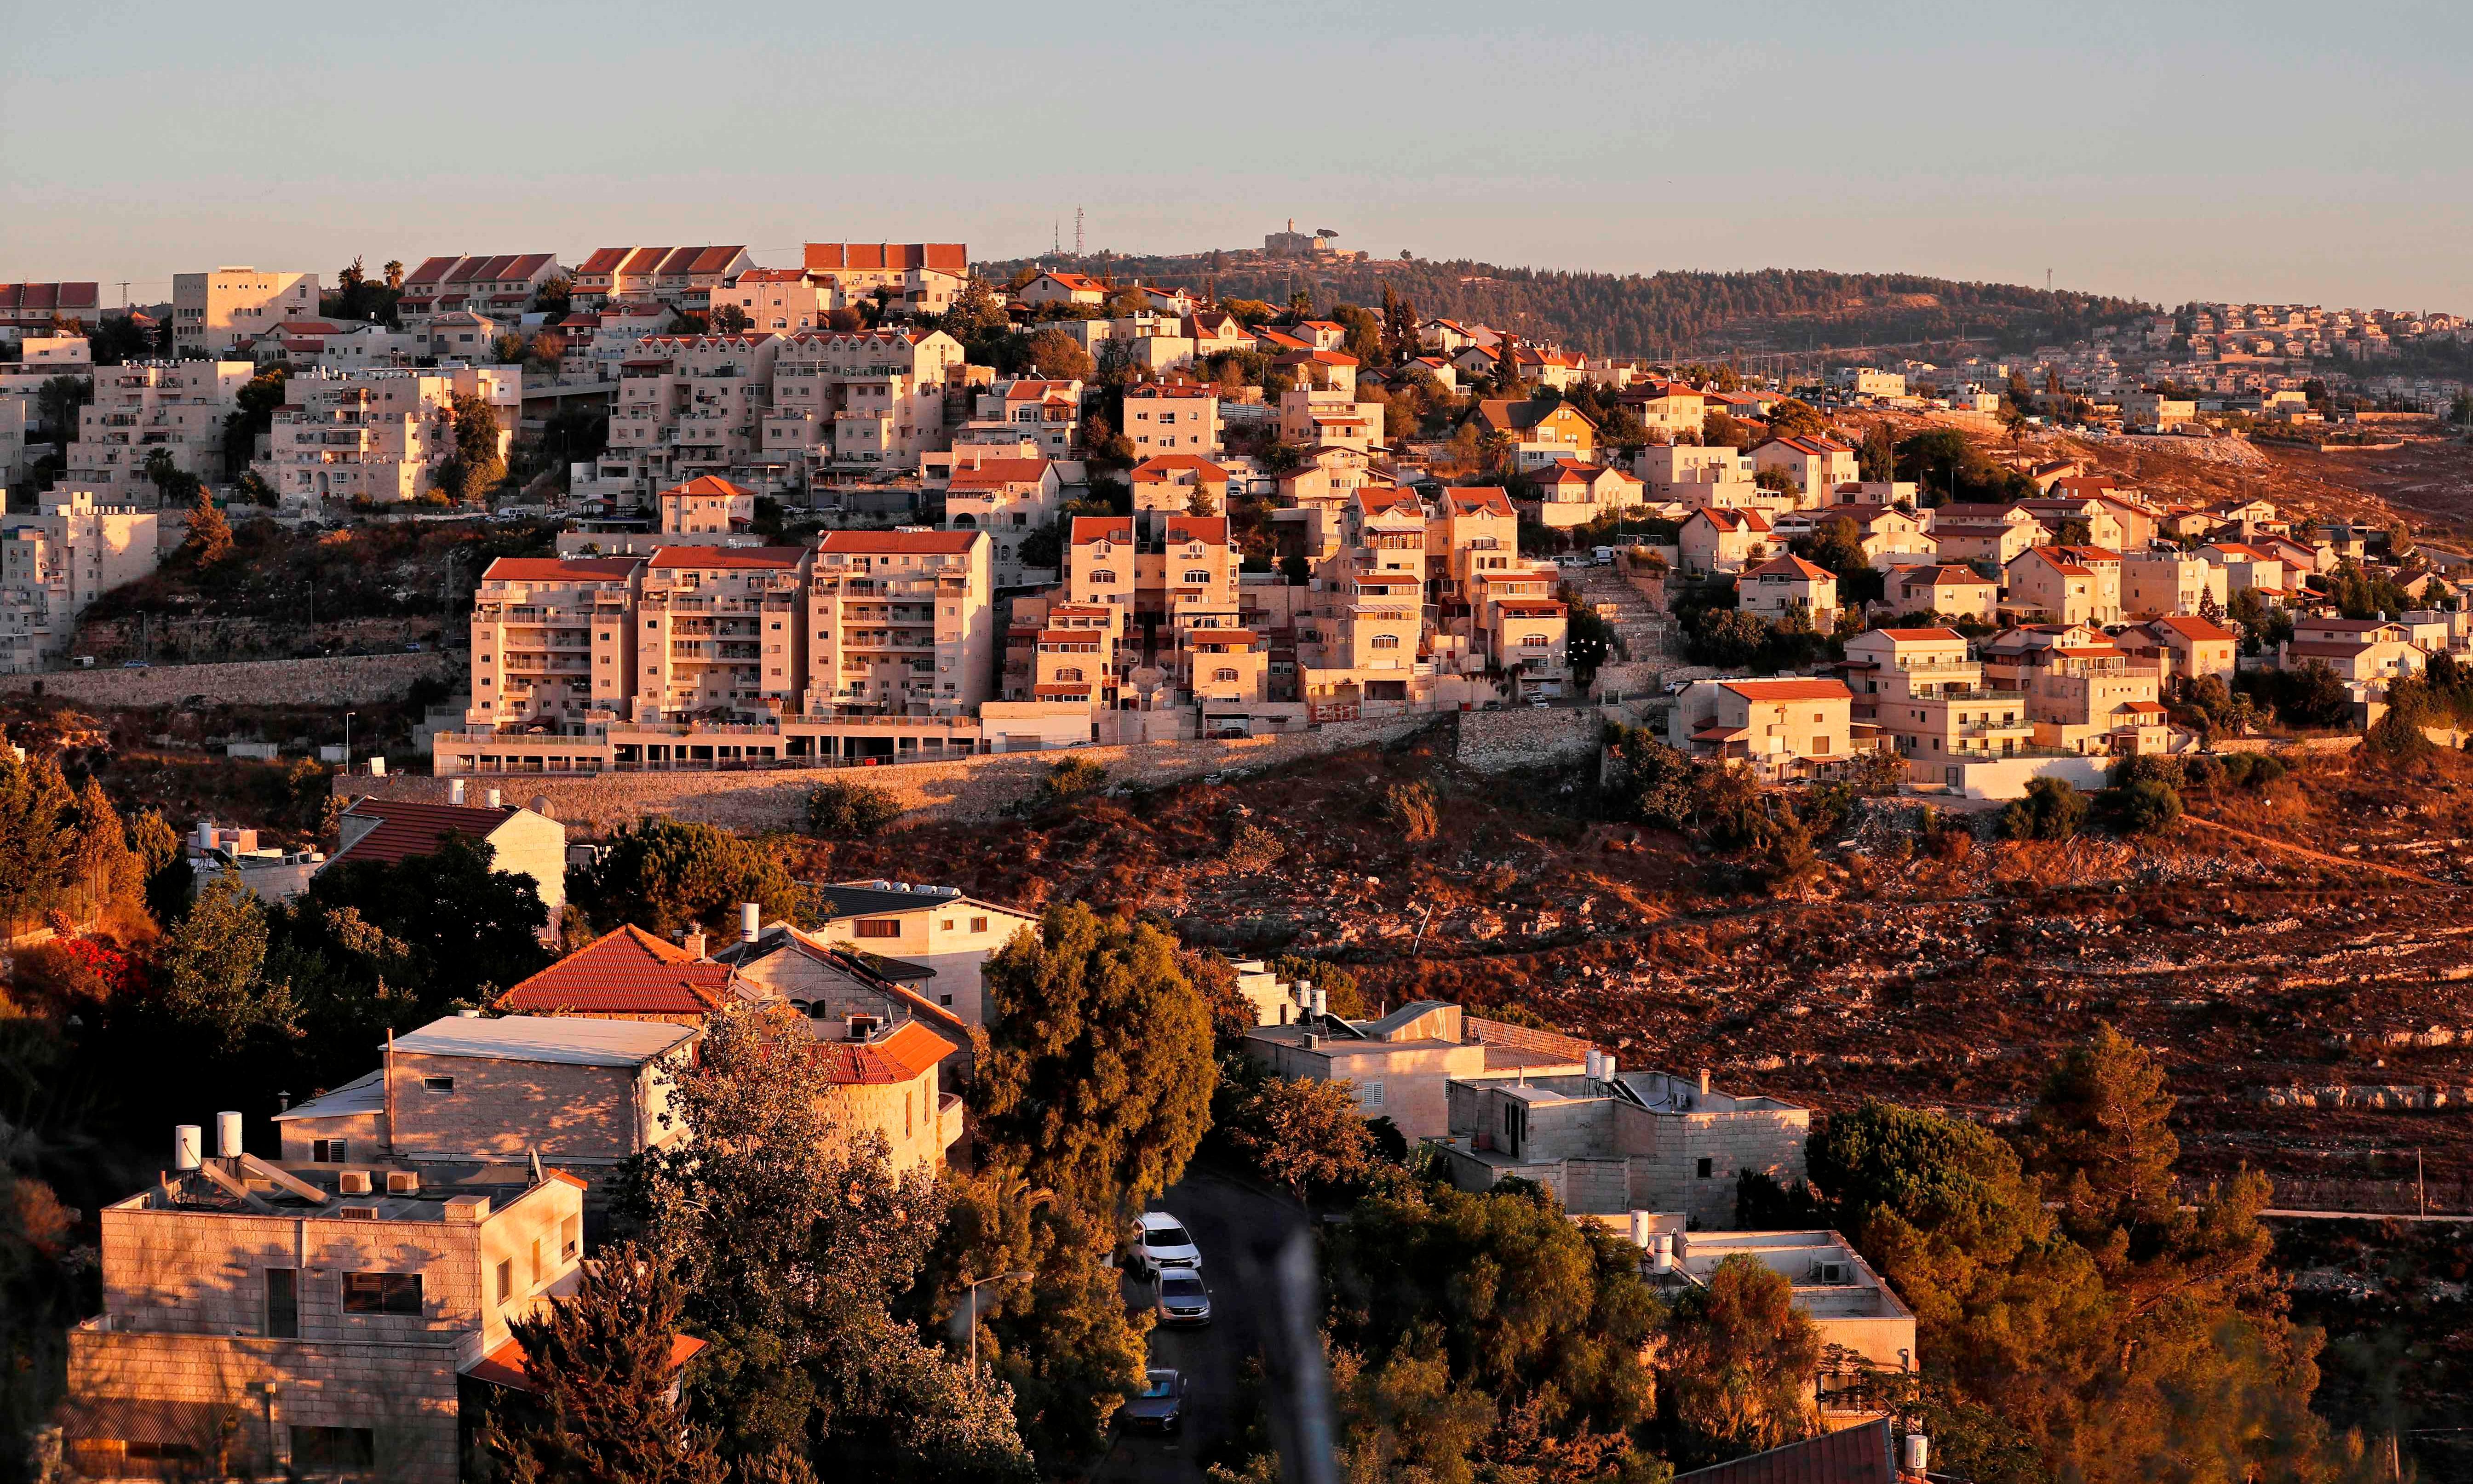 Ban import of Israeli settlement goods